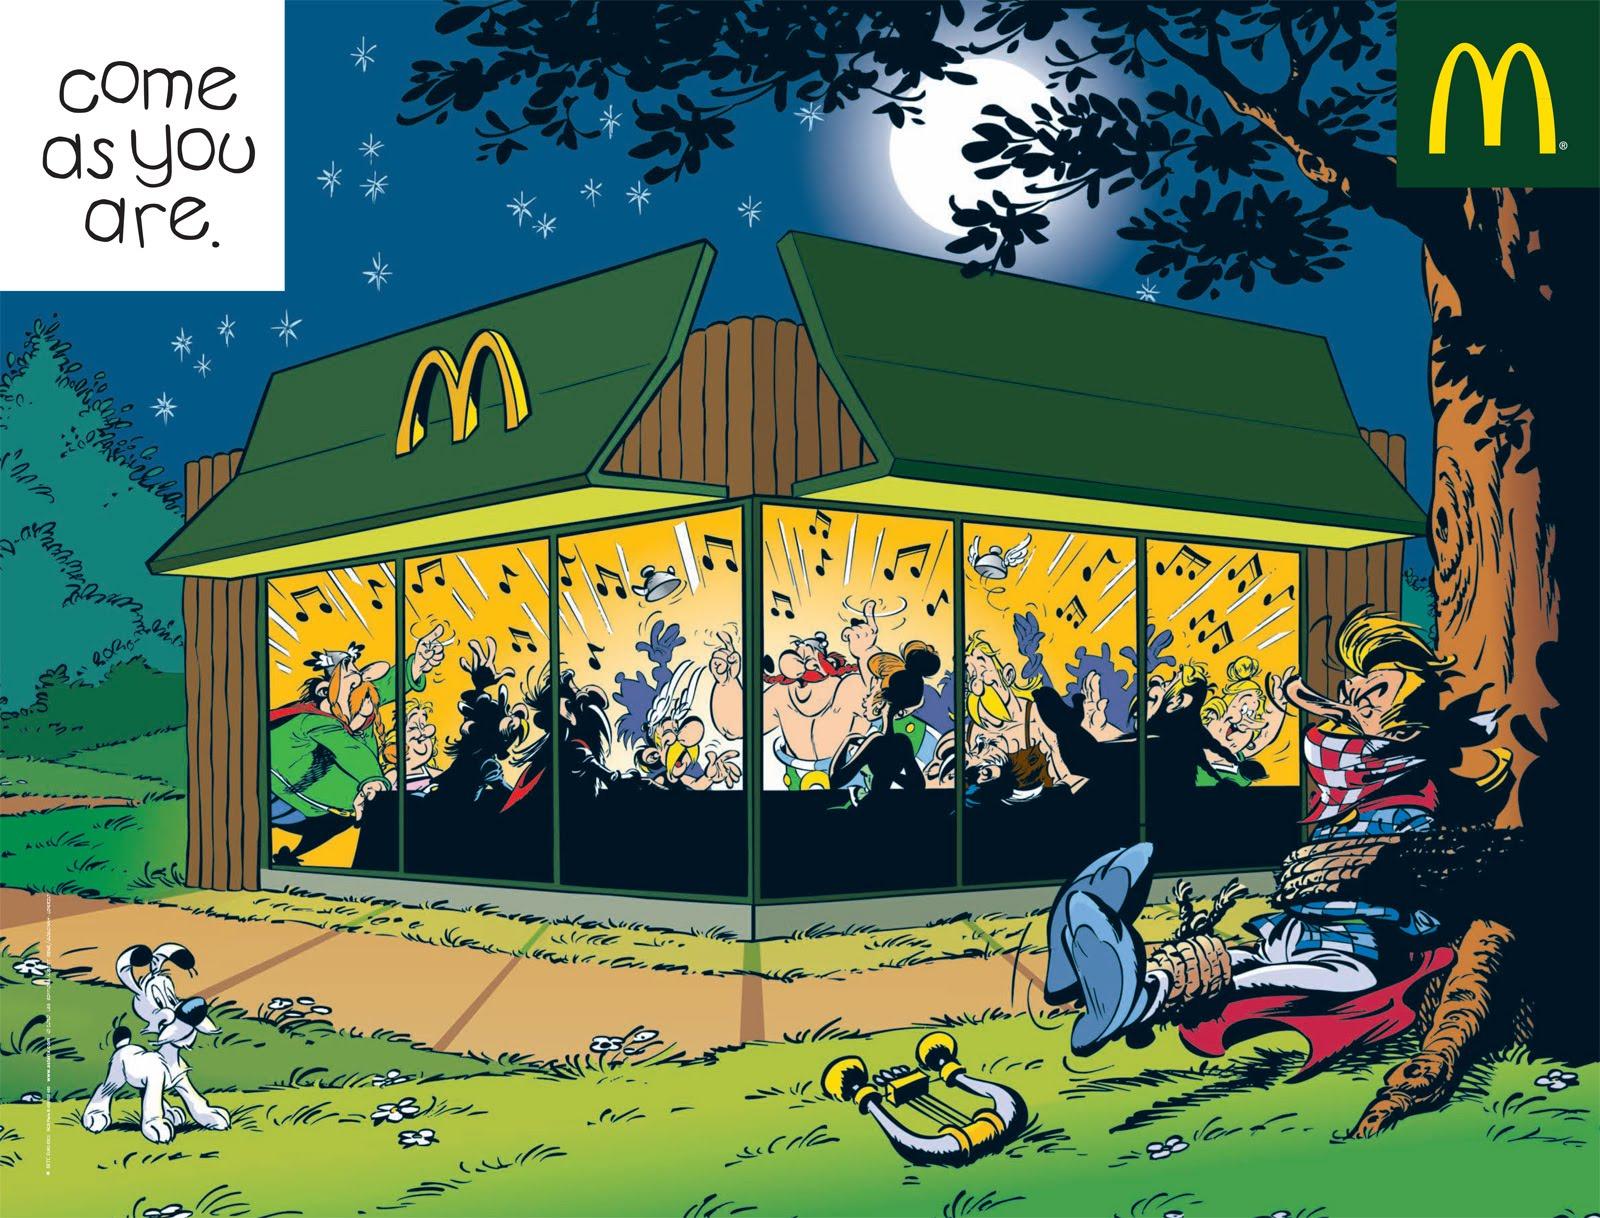 http://1.bp.blogspot.com/_42nL05s3A-8/TMCXLcwNfCI/AAAAAAAAC_w/n6XXK0A8Wo0/s1600/McDonalds-Asterix.jpg